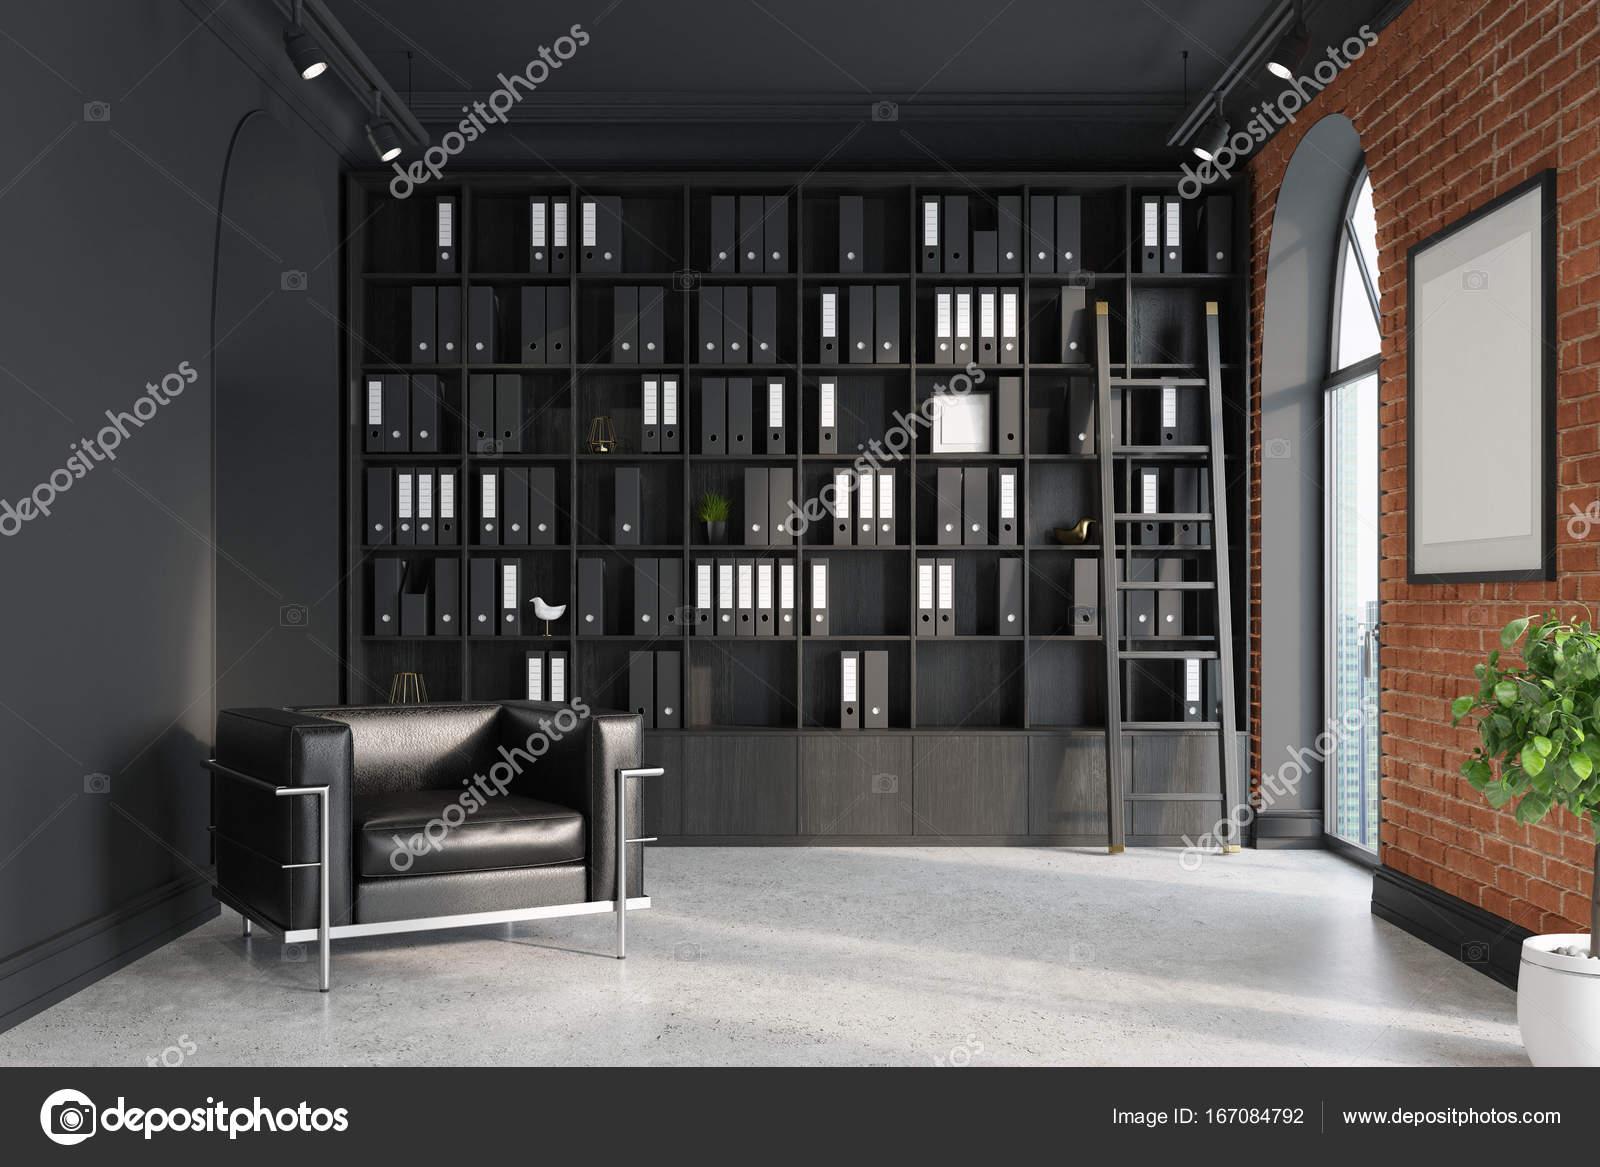 ceo bureau met baksteen en zwarte muren een betonnen vloer hoge ramen en een ingelijste poster een grote fauteuil is permanent in de buurt van een